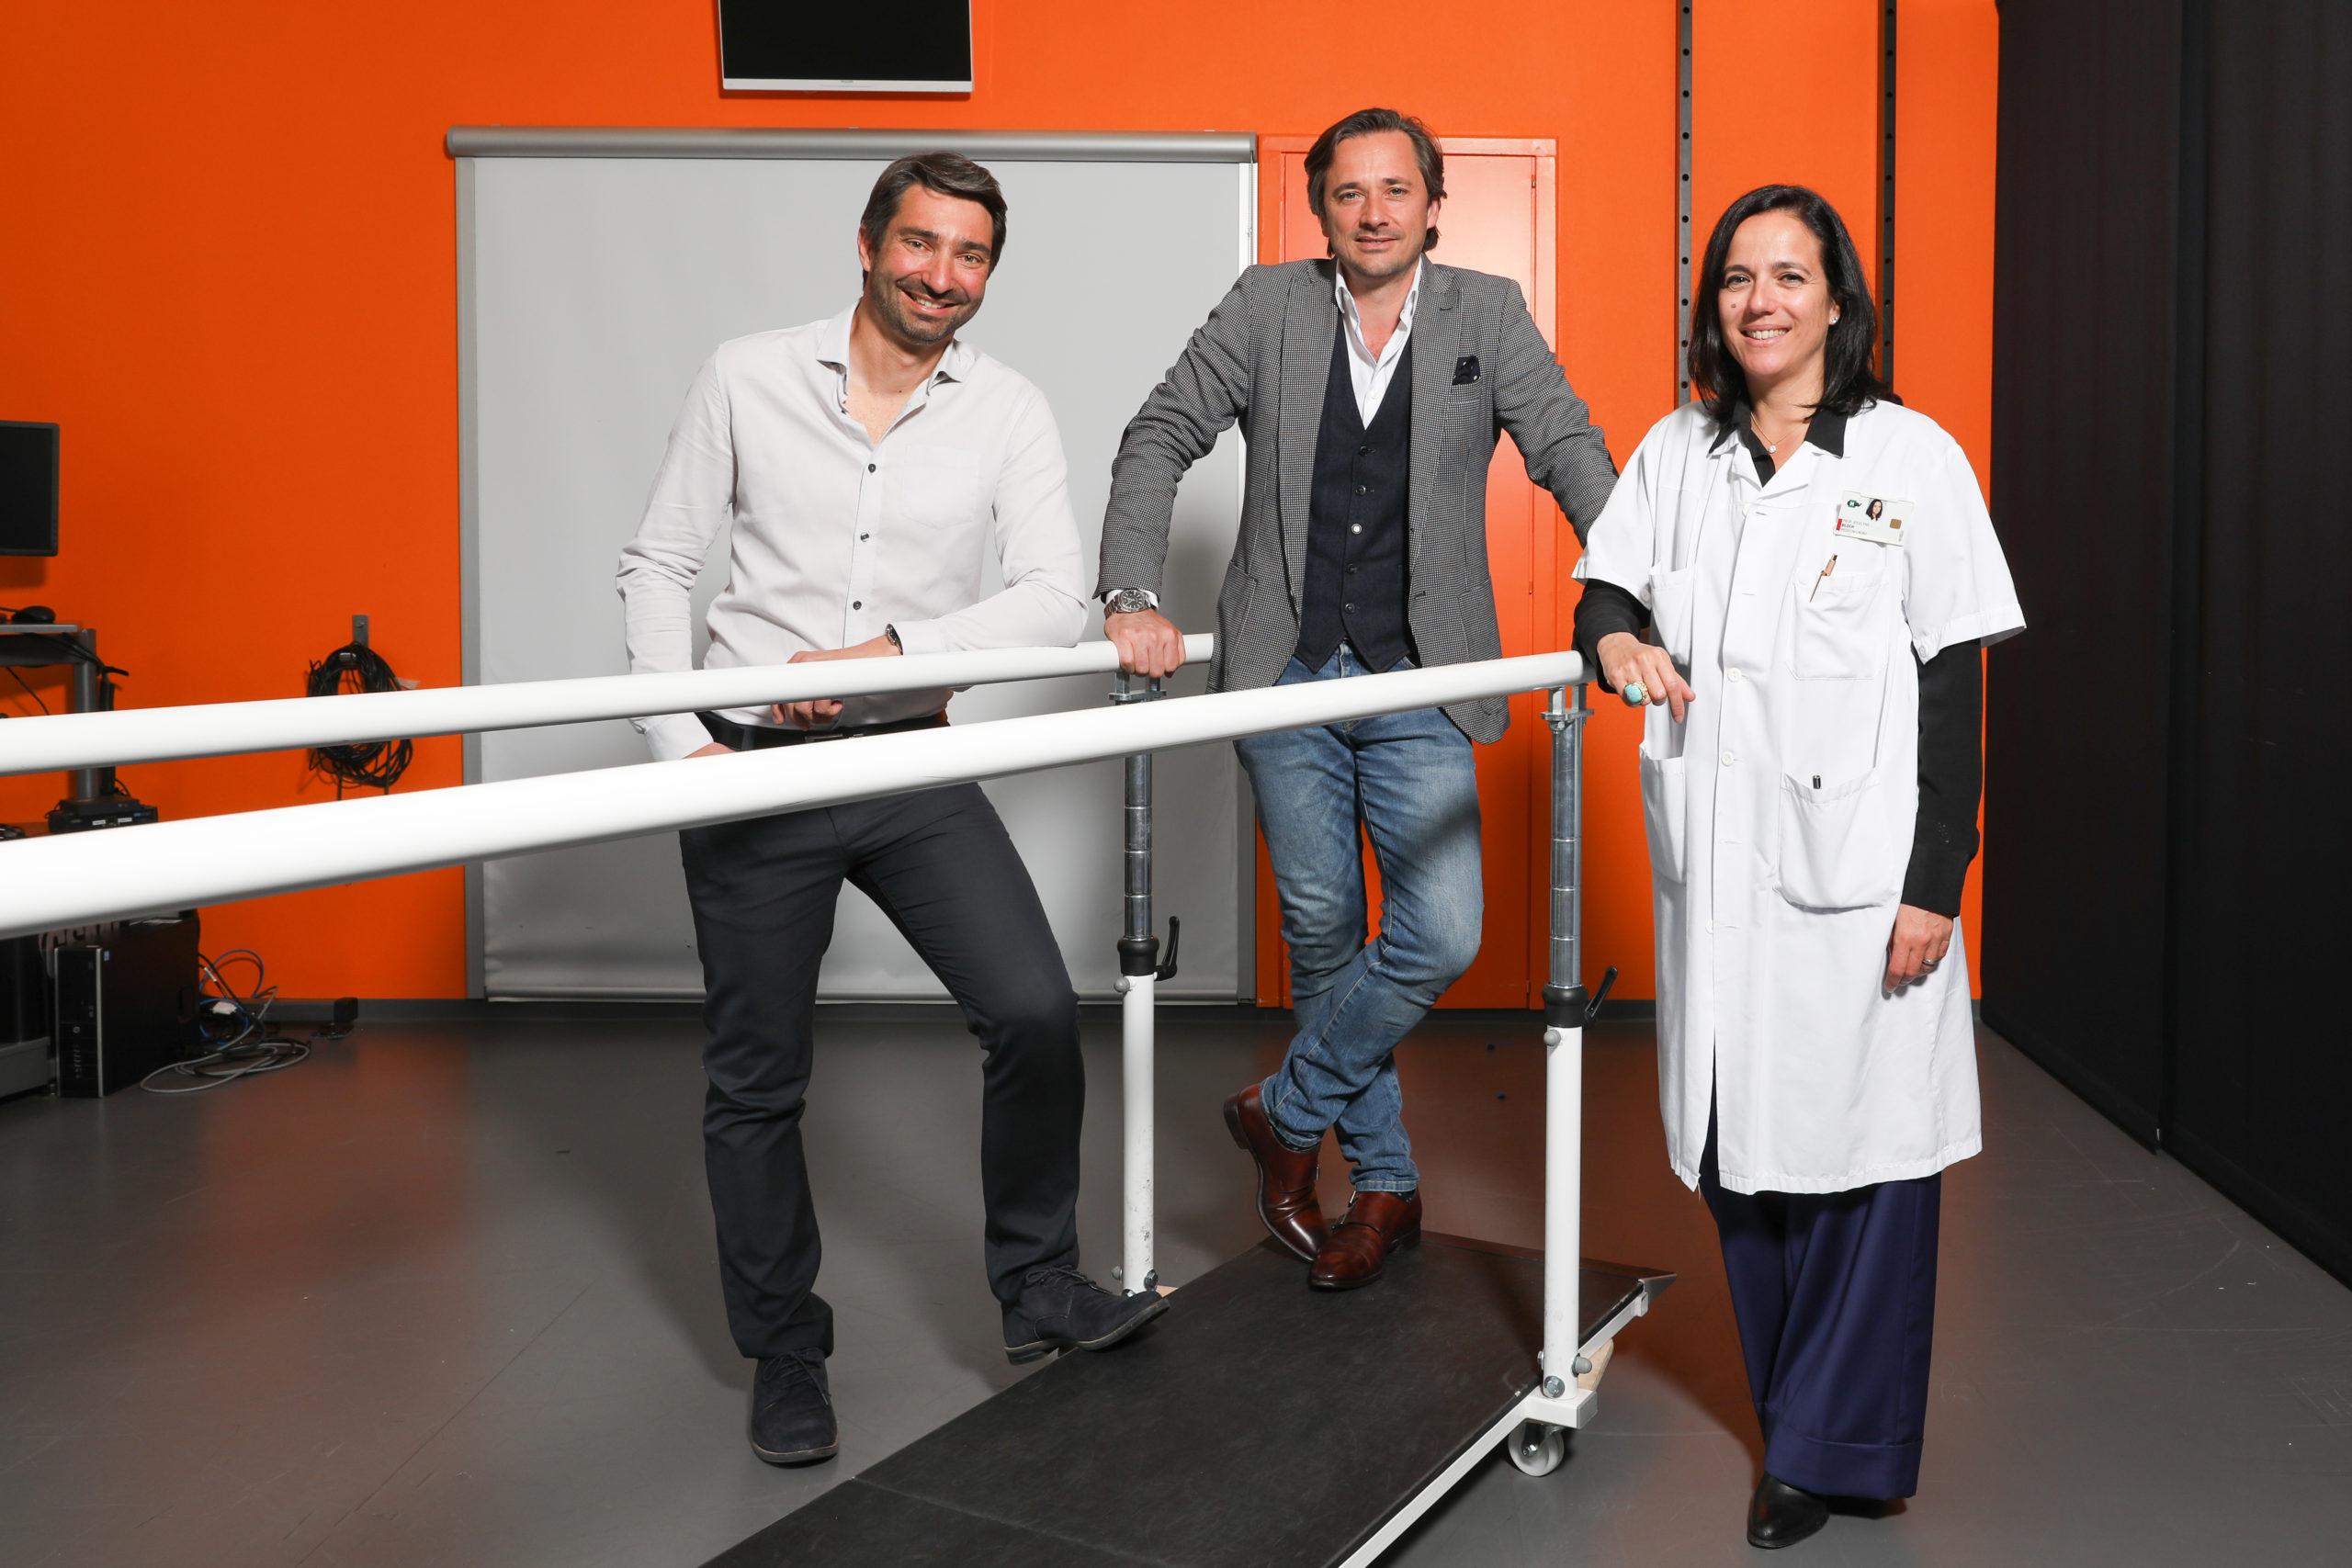 Interface cerveau-moelle épinière pour retrouver l'usage des jambes